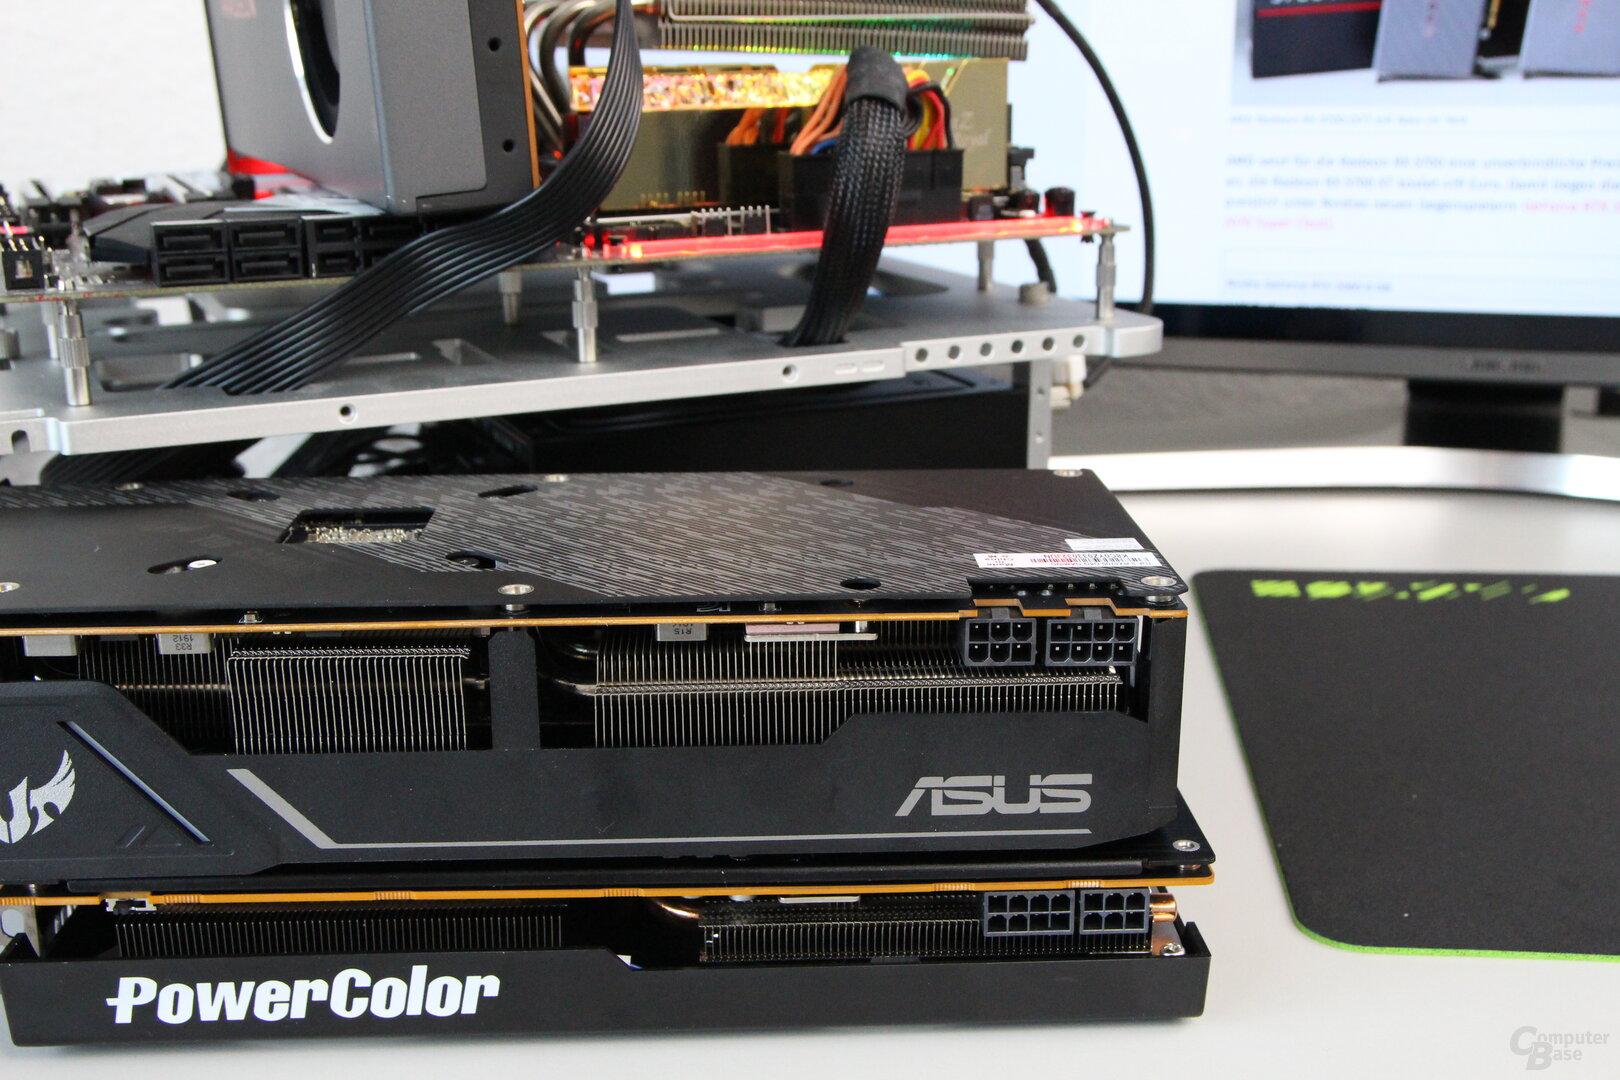 Die Asus Radeon RX 5700 TUF und PowerColor Radeon RX 5700 Red Dragon im Test